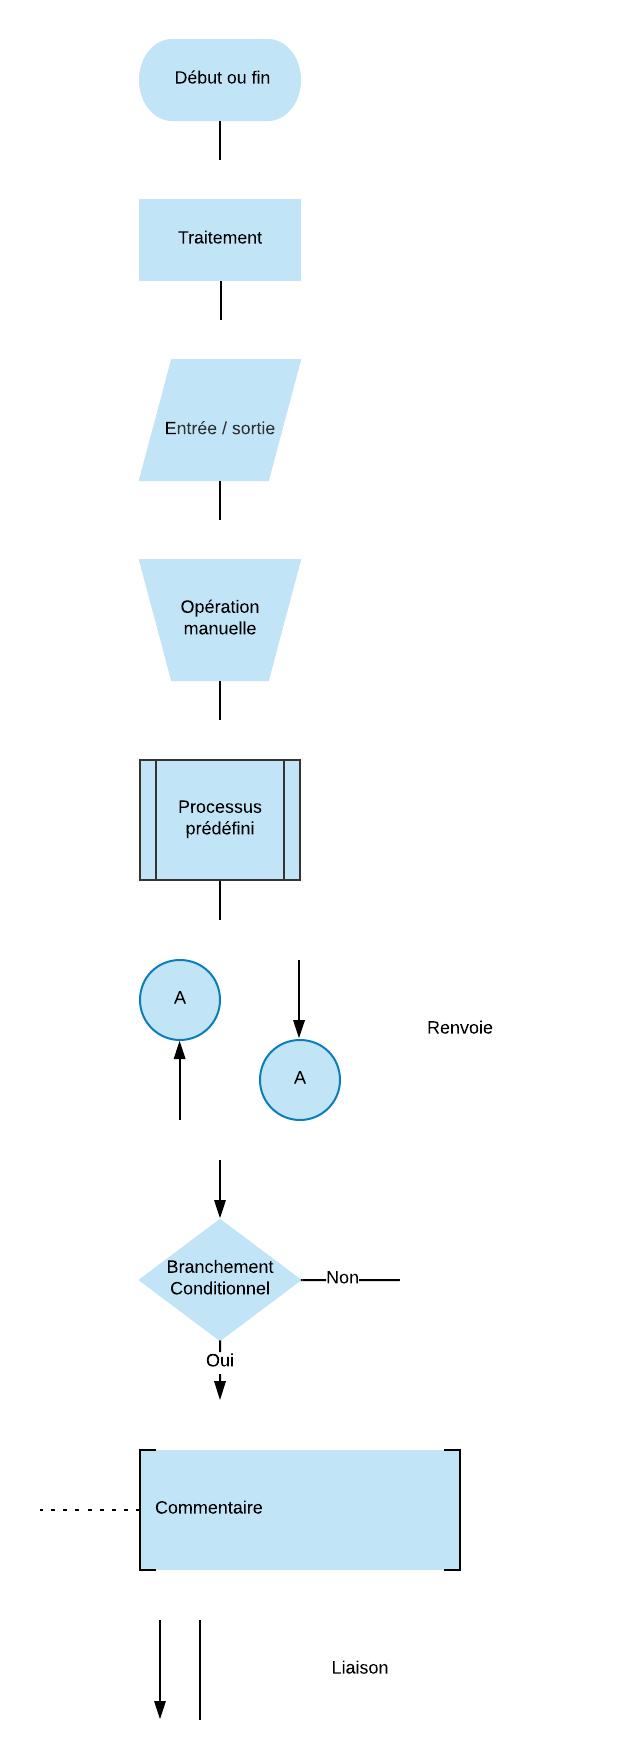 Symboles de l'algorigramme